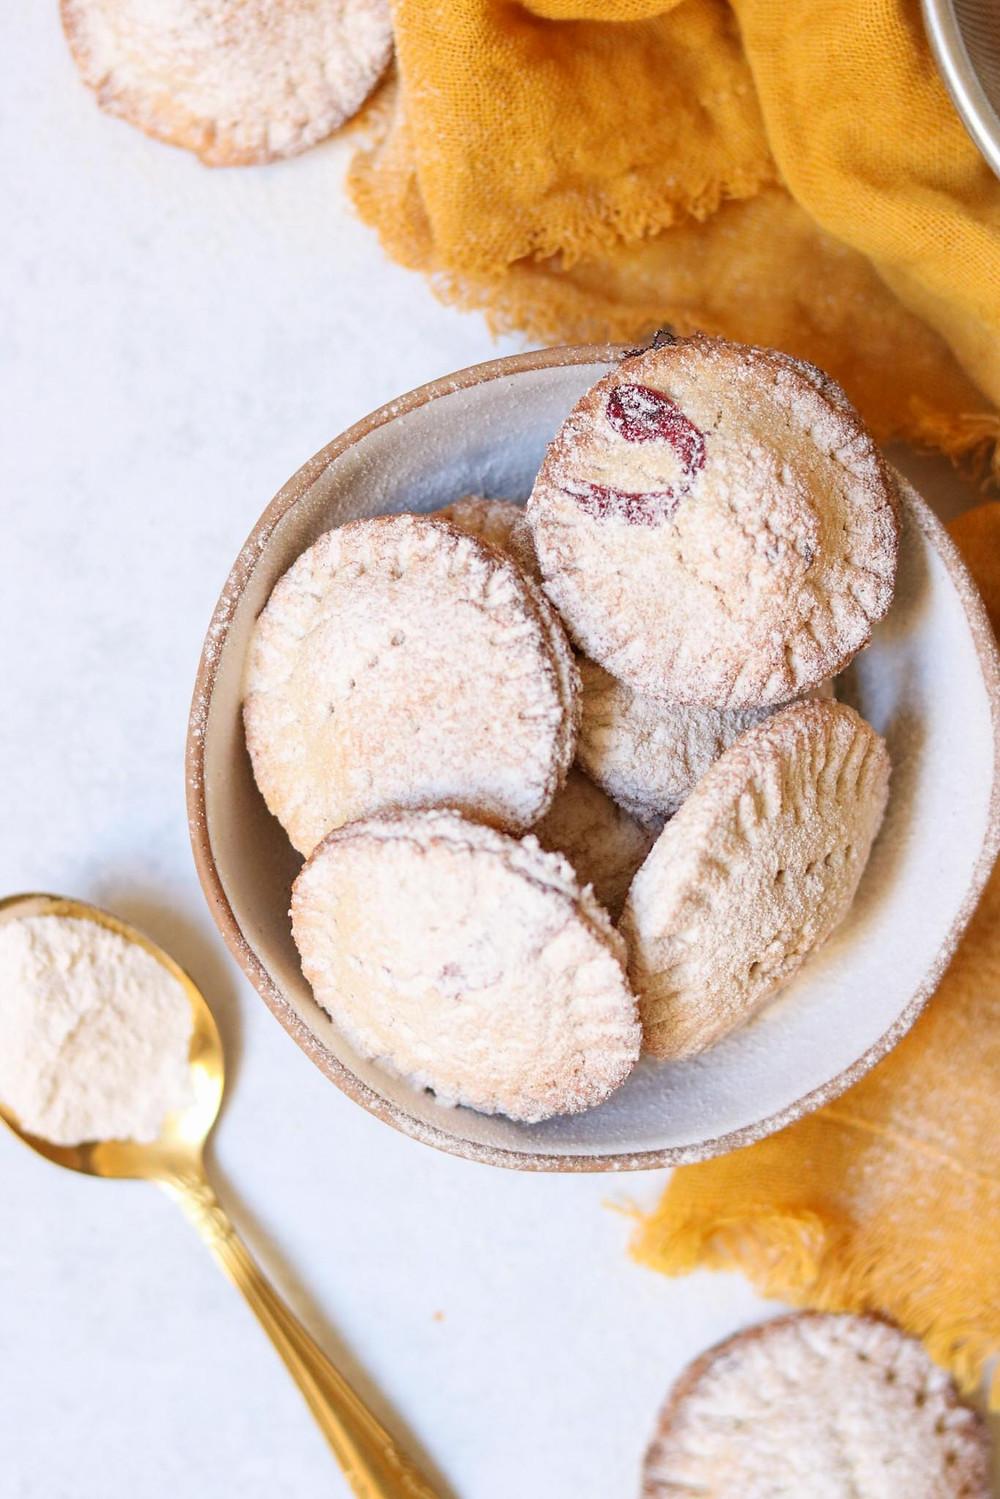 עוגיות סנדוויץ' טבעוניות ללא גלוטן במילוי שוקולד טבעוני וריבה